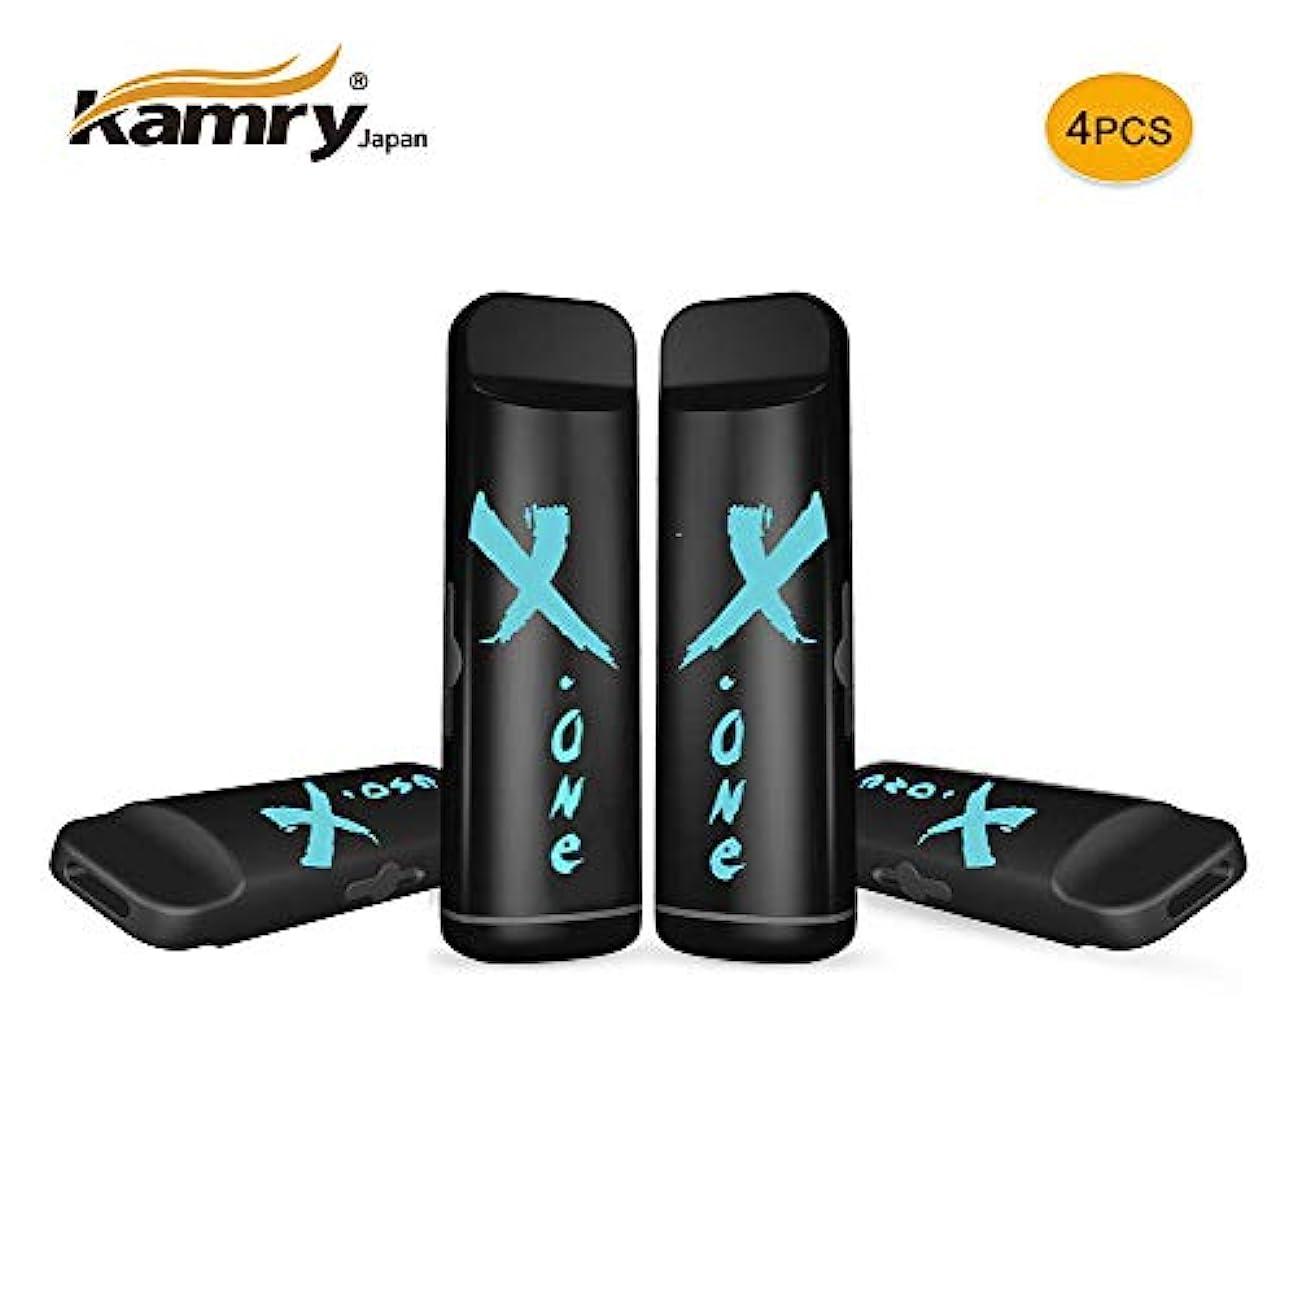 やりがいのあるスマート概要Kamry Xone 使い捨てミニ電子タバコ 約300パフが吸える280mAhの非充電式電池の内蔵 1ml噴霧器 フラットノズル リキッド式 ゴルフ場で便利 4個セット